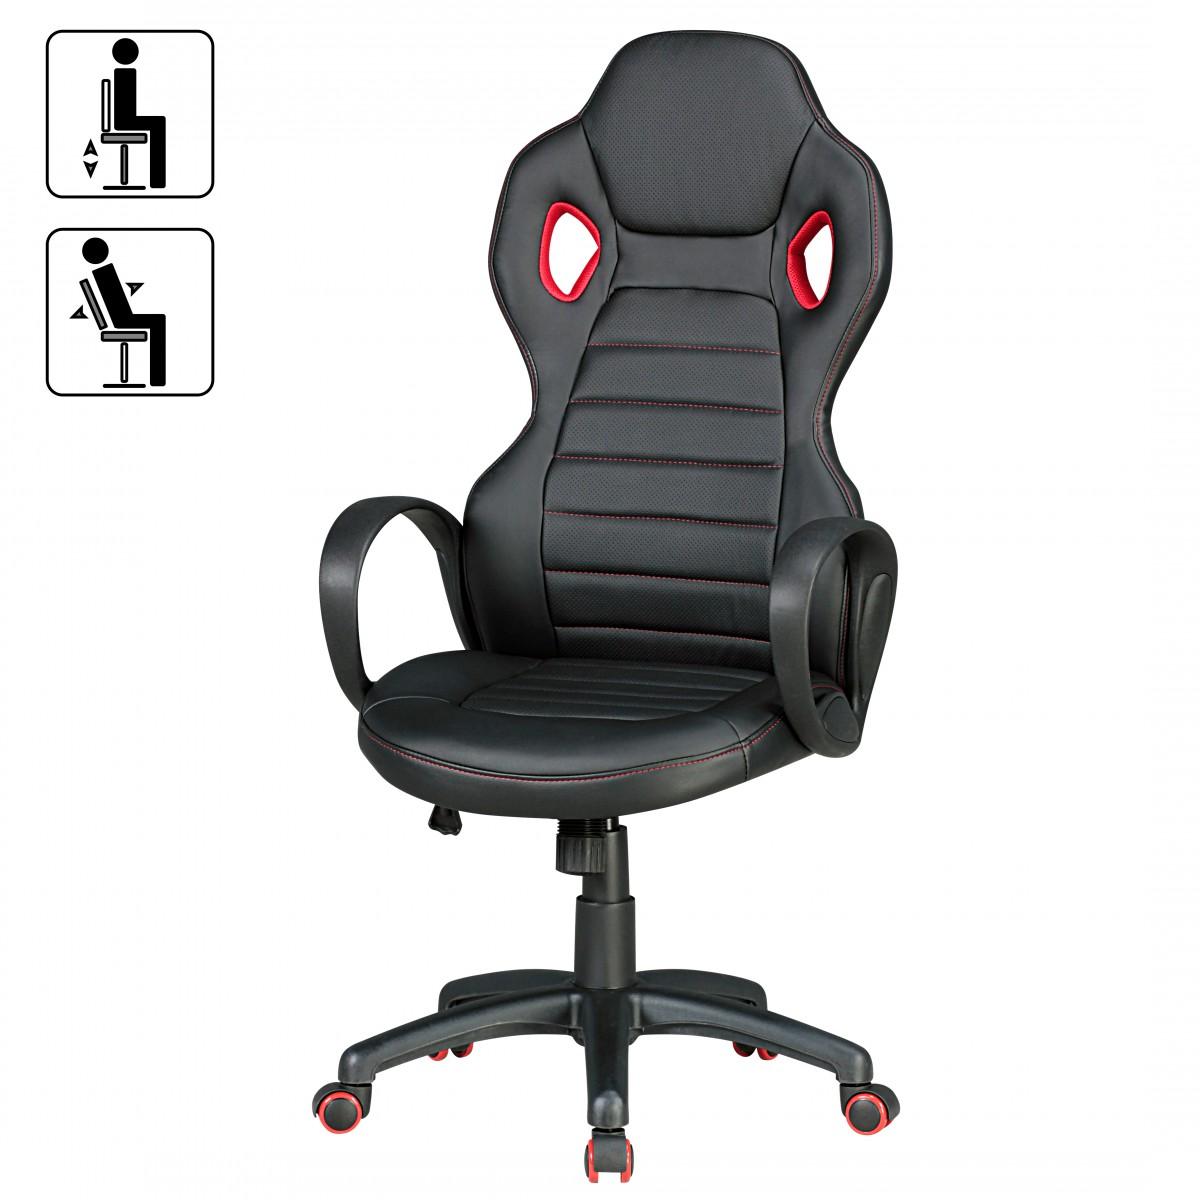 Bureaustoel Gaming Goedkoop.Goedkope Gaming Chair Kopen Aktie Wonen Nl